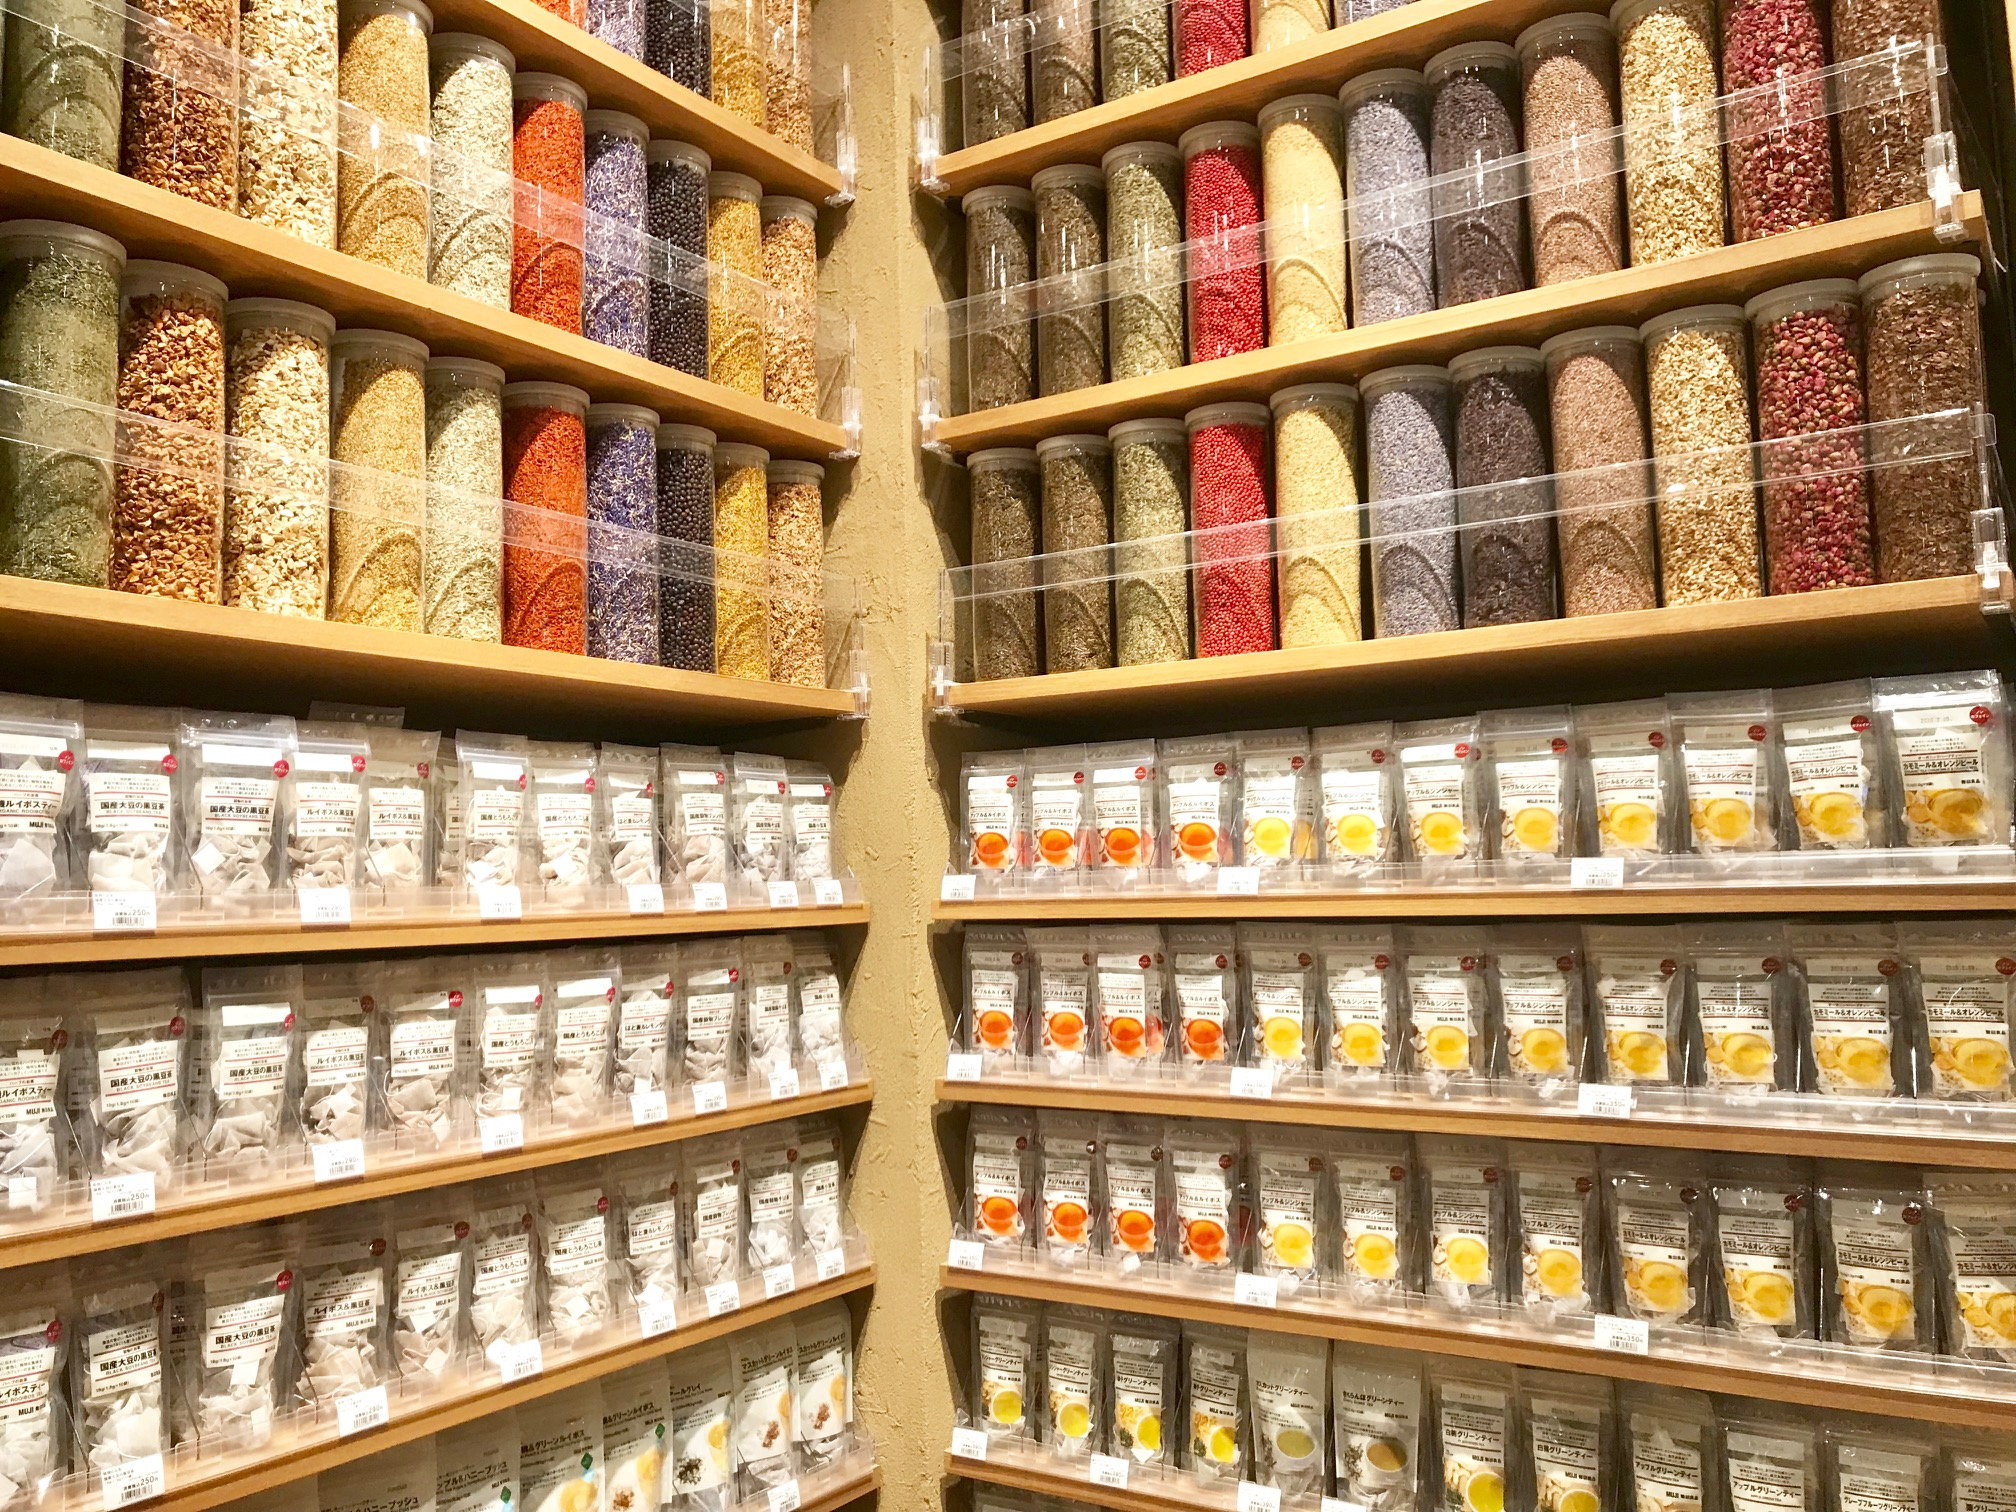 『無印良品』自慢のお茶が32種類も集結!! 「ブレンドティー工房」でお気に入りの一杯を見つけよう♡_5